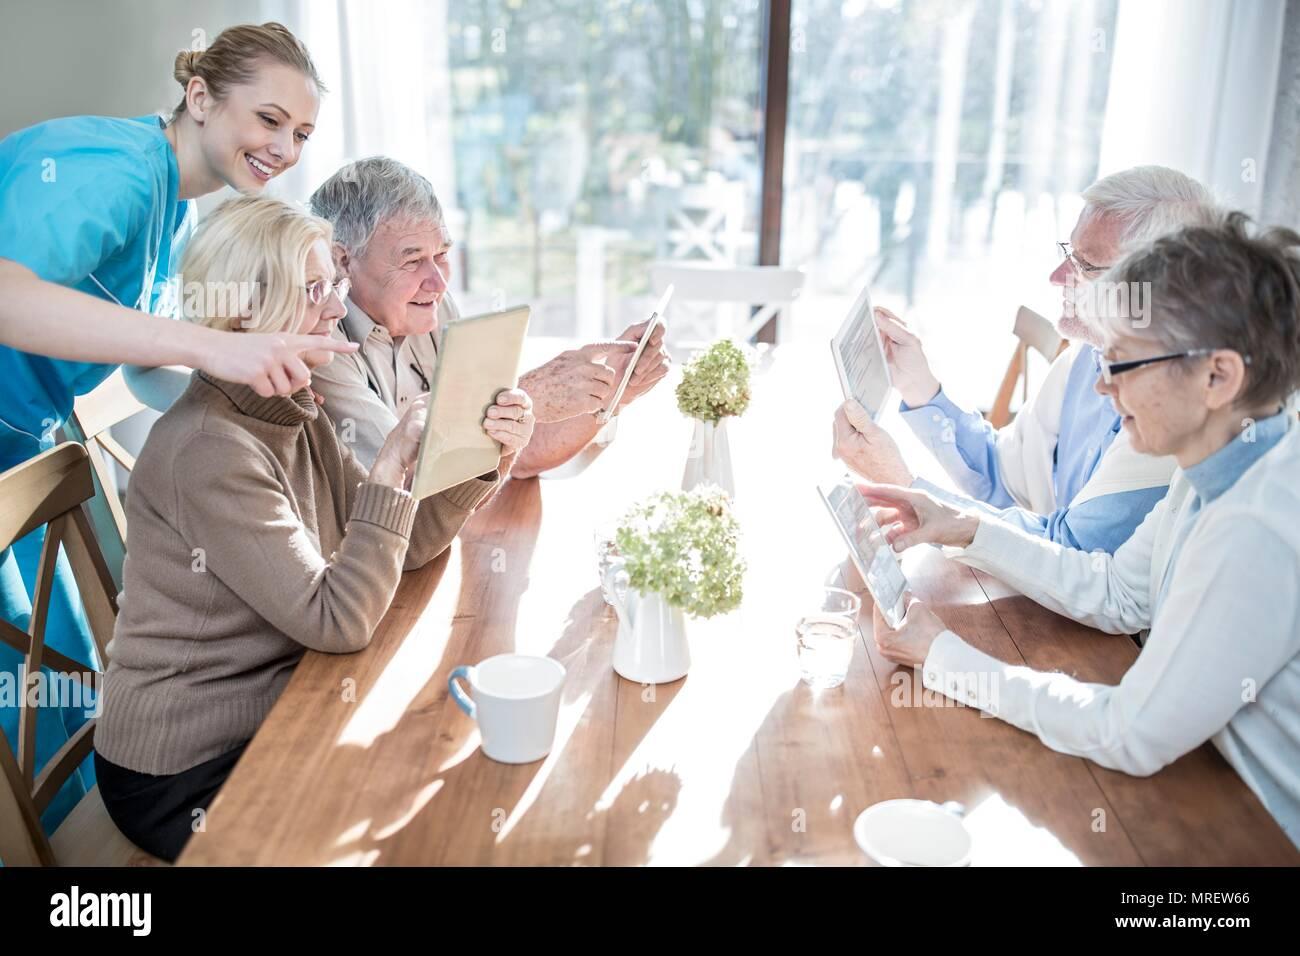 Des aînés à l'aide de tablettes numériques en maison de soins. Banque D'Images